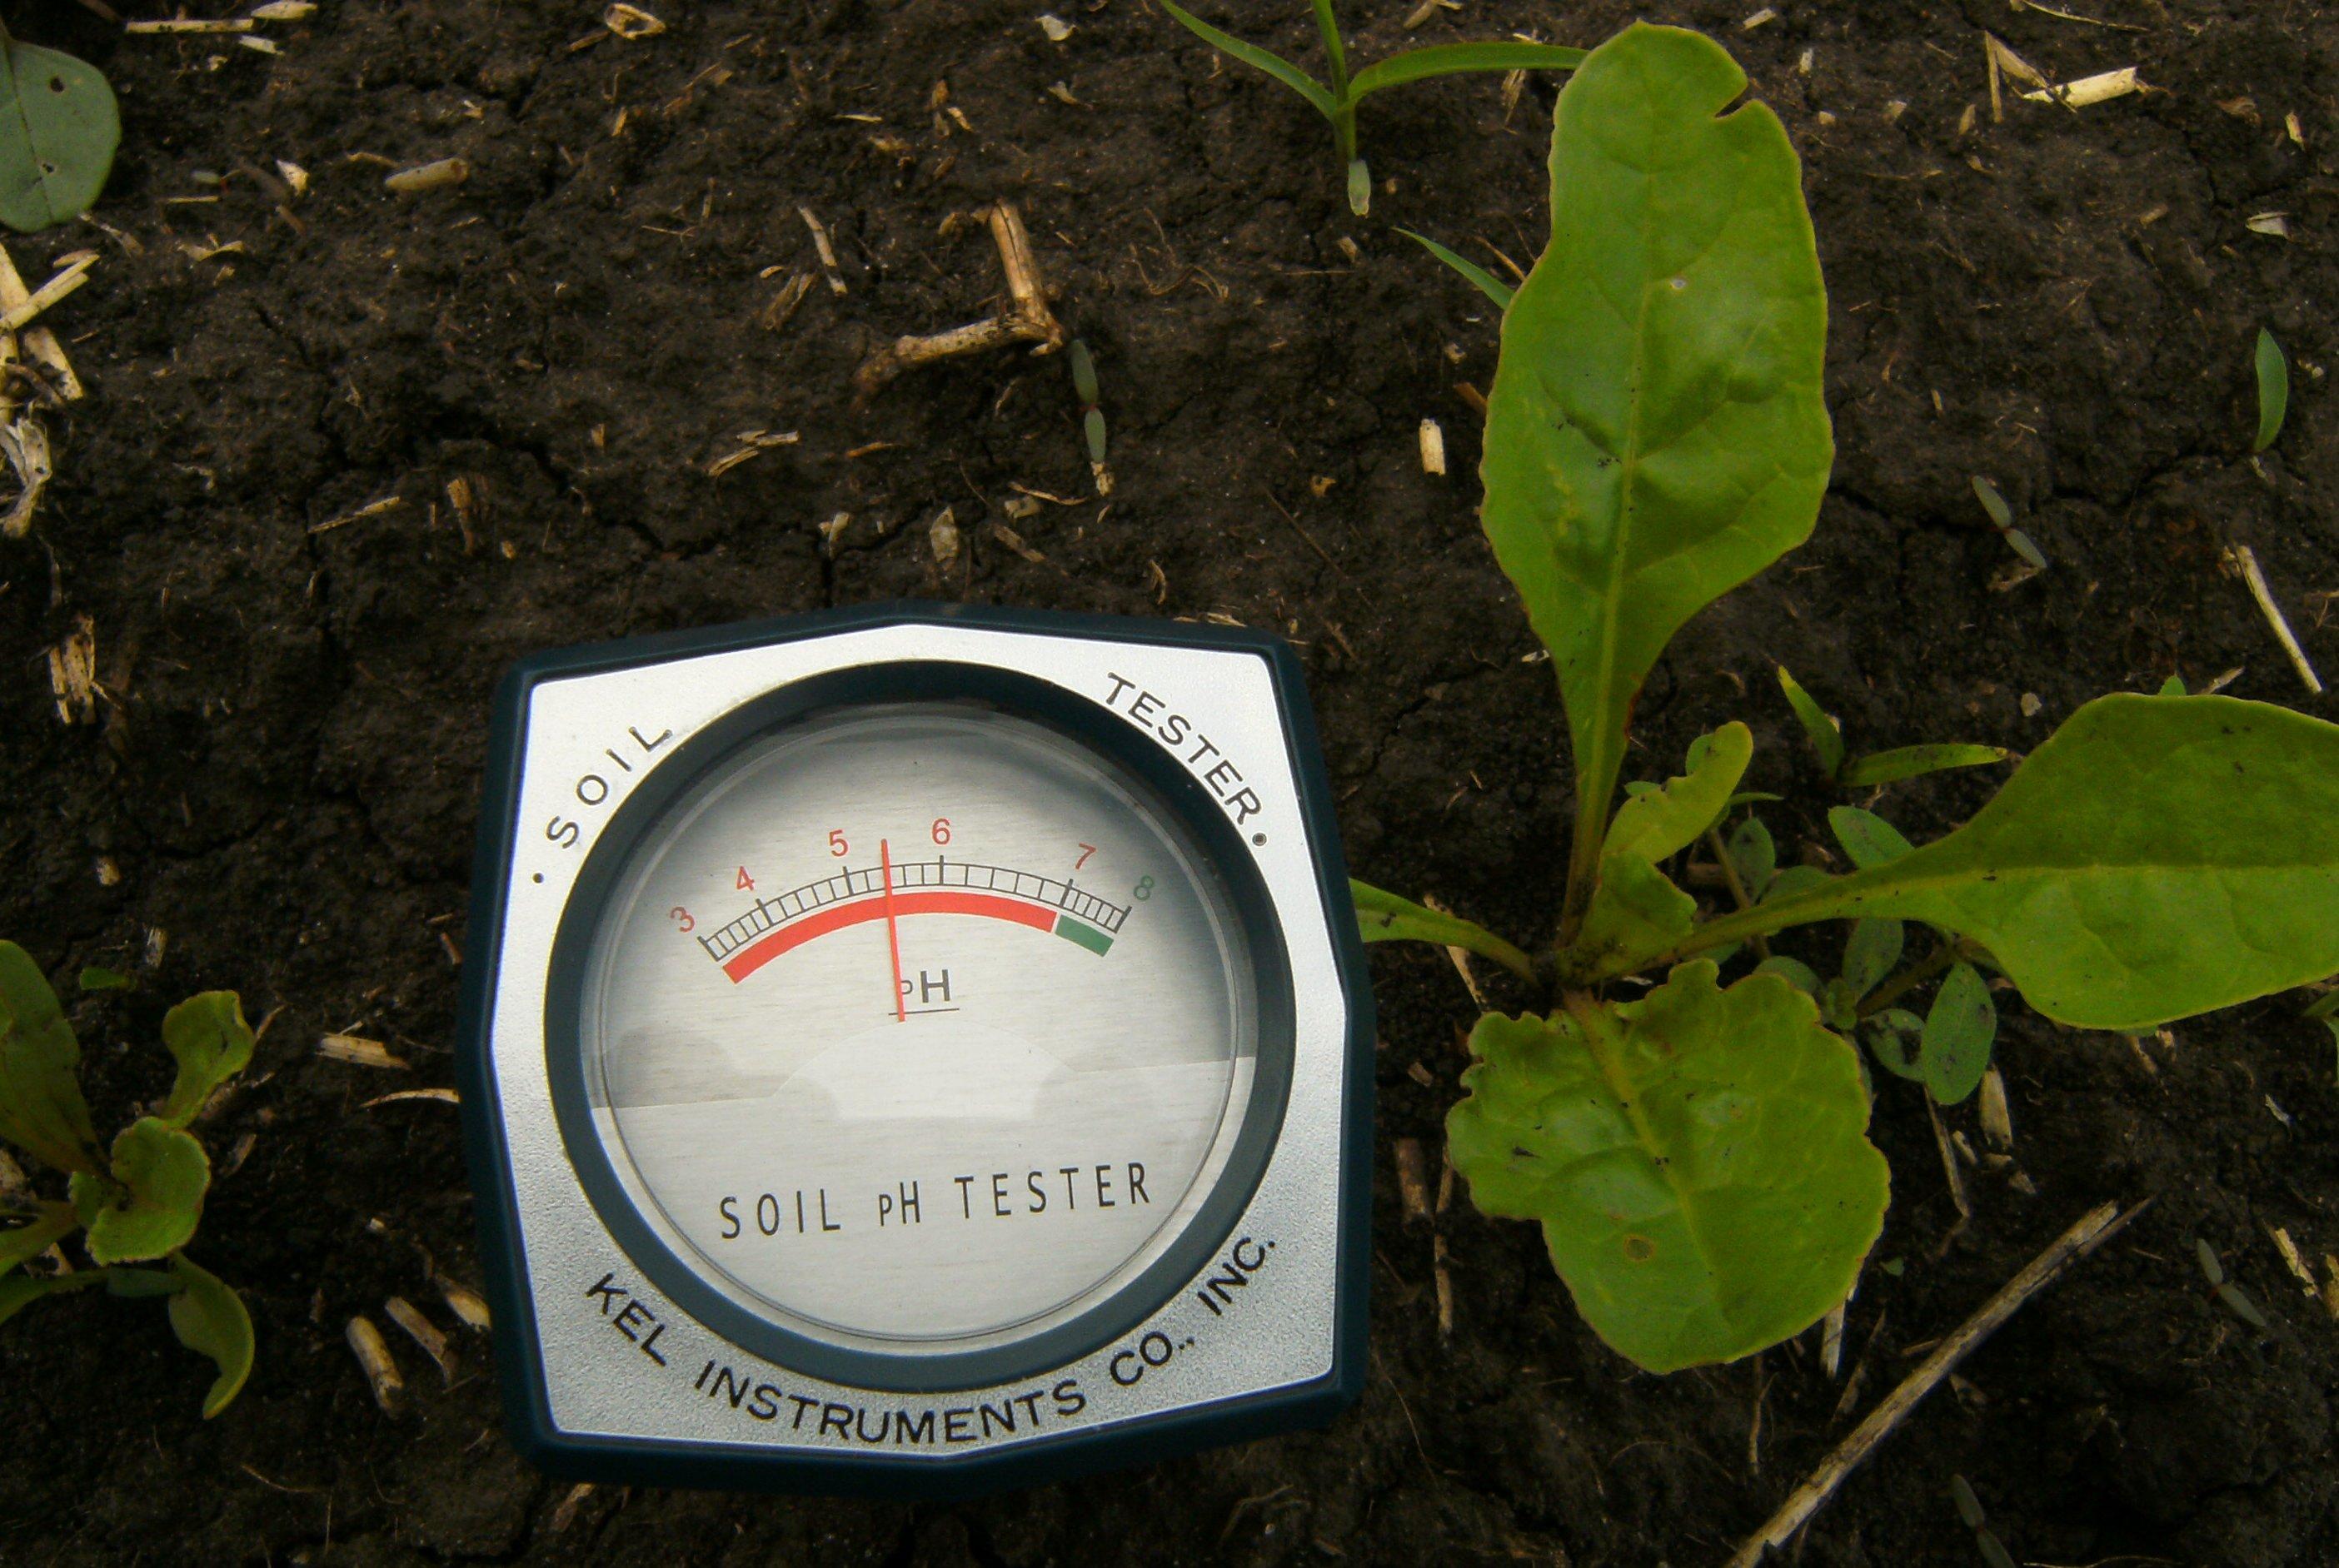 Измерение кислотности почвы экспресс pH-метром.